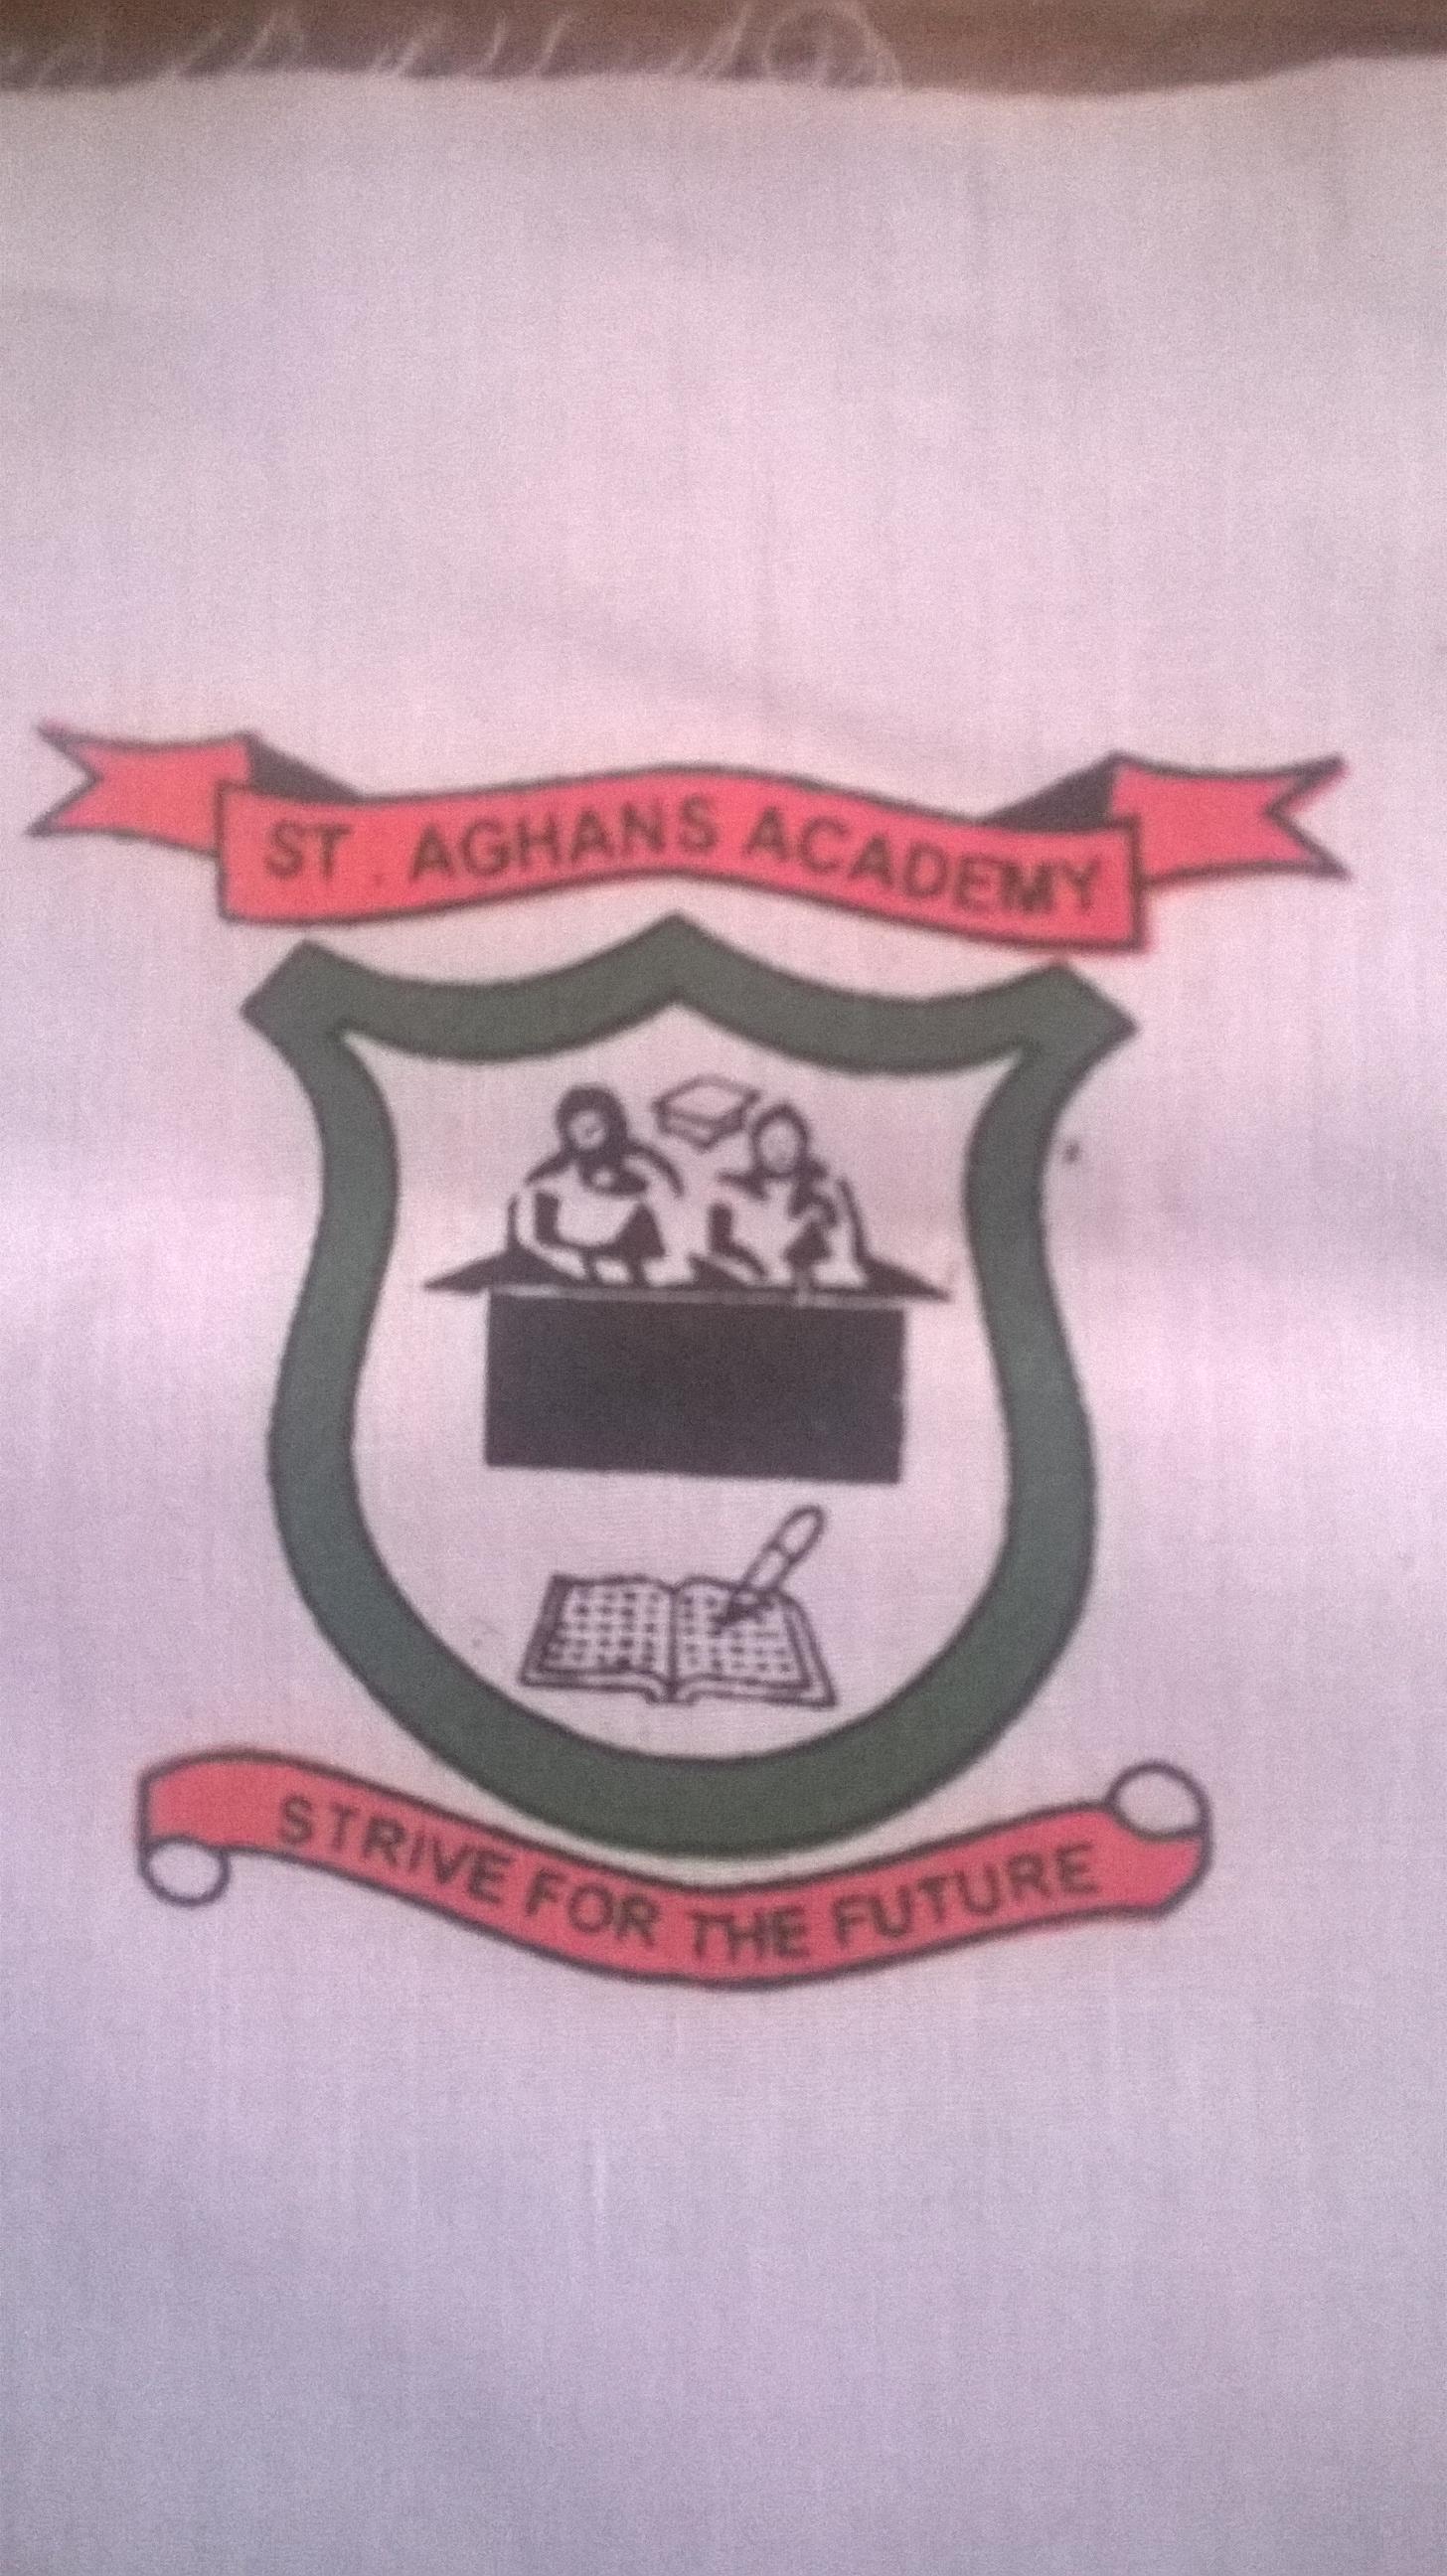 St Aghans Academy